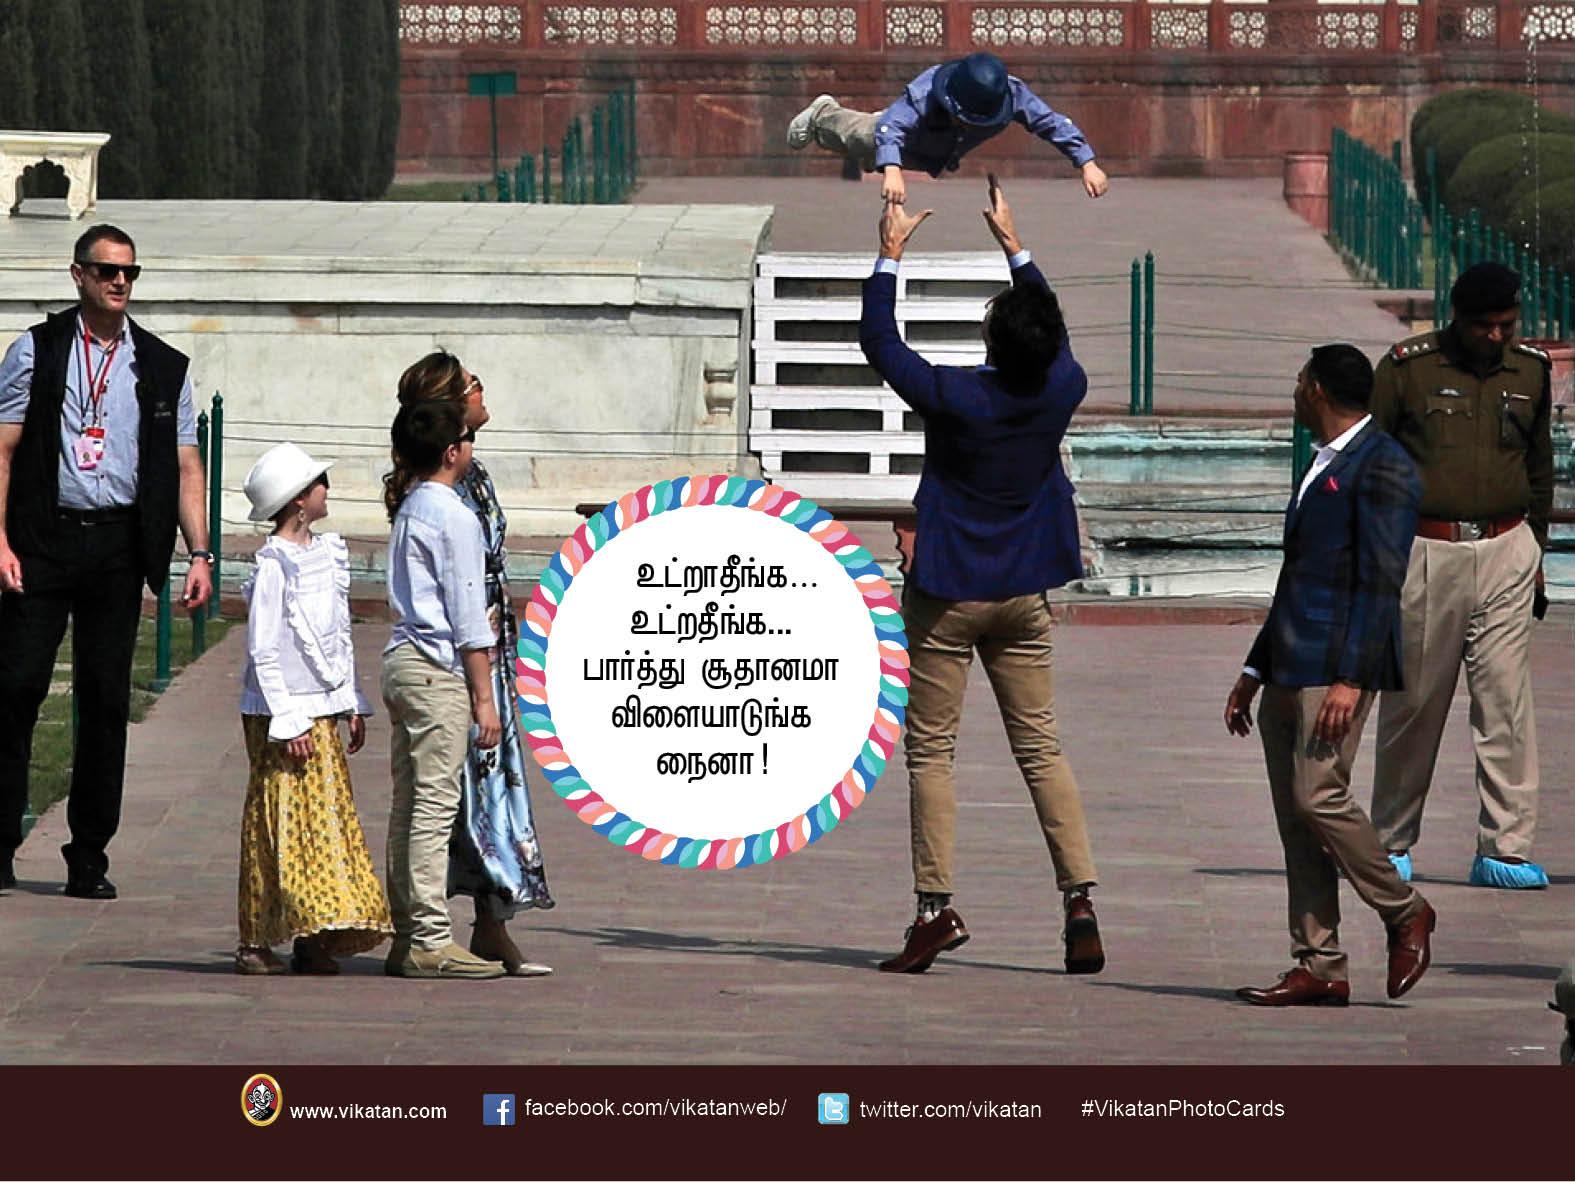 ஜூனியர் ஜஸ்டின் வர்றார் வழி விடுங்கோ' ஹேட்ரியனும் சின்சானும்... குறும்பு அத்தியாயம்! #VikatanPhotoCards